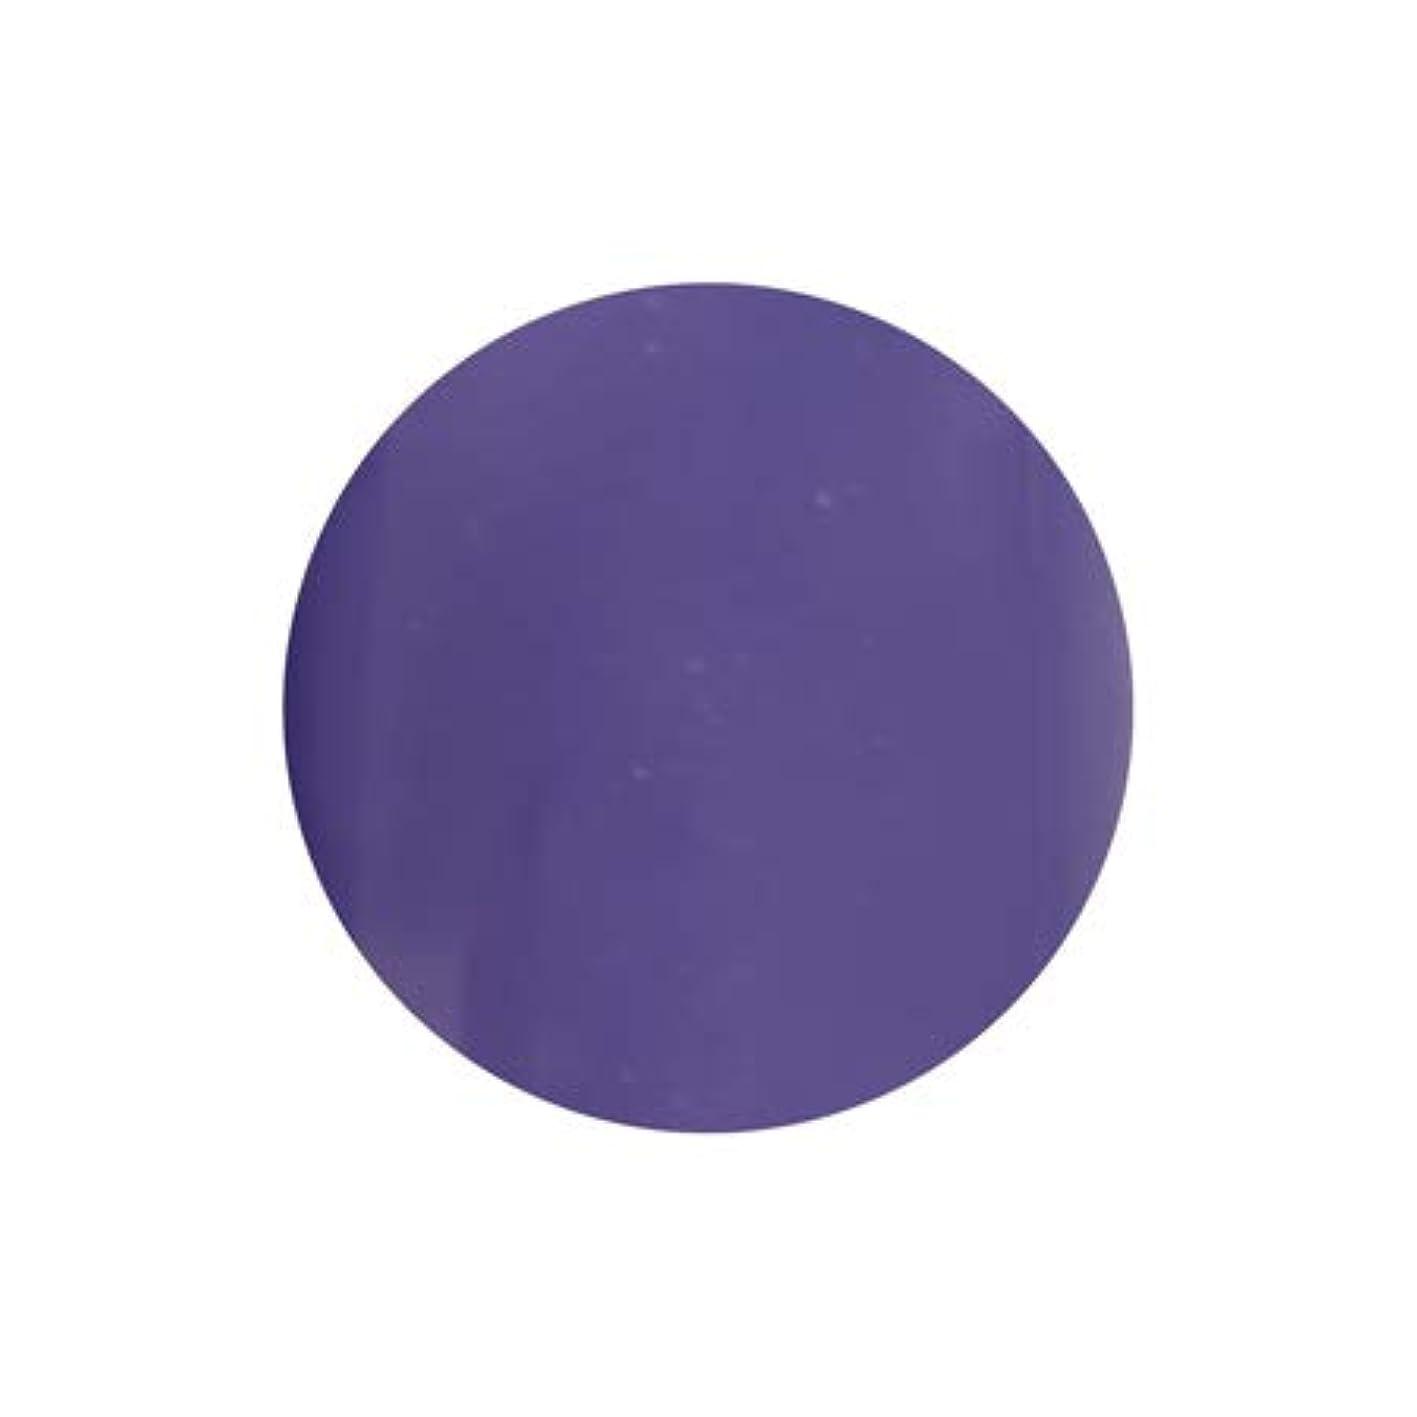 ヒゲ泥だらけタオルT-GEL COLLECTION カラージェル D228 シフォンバイオレット 4ml